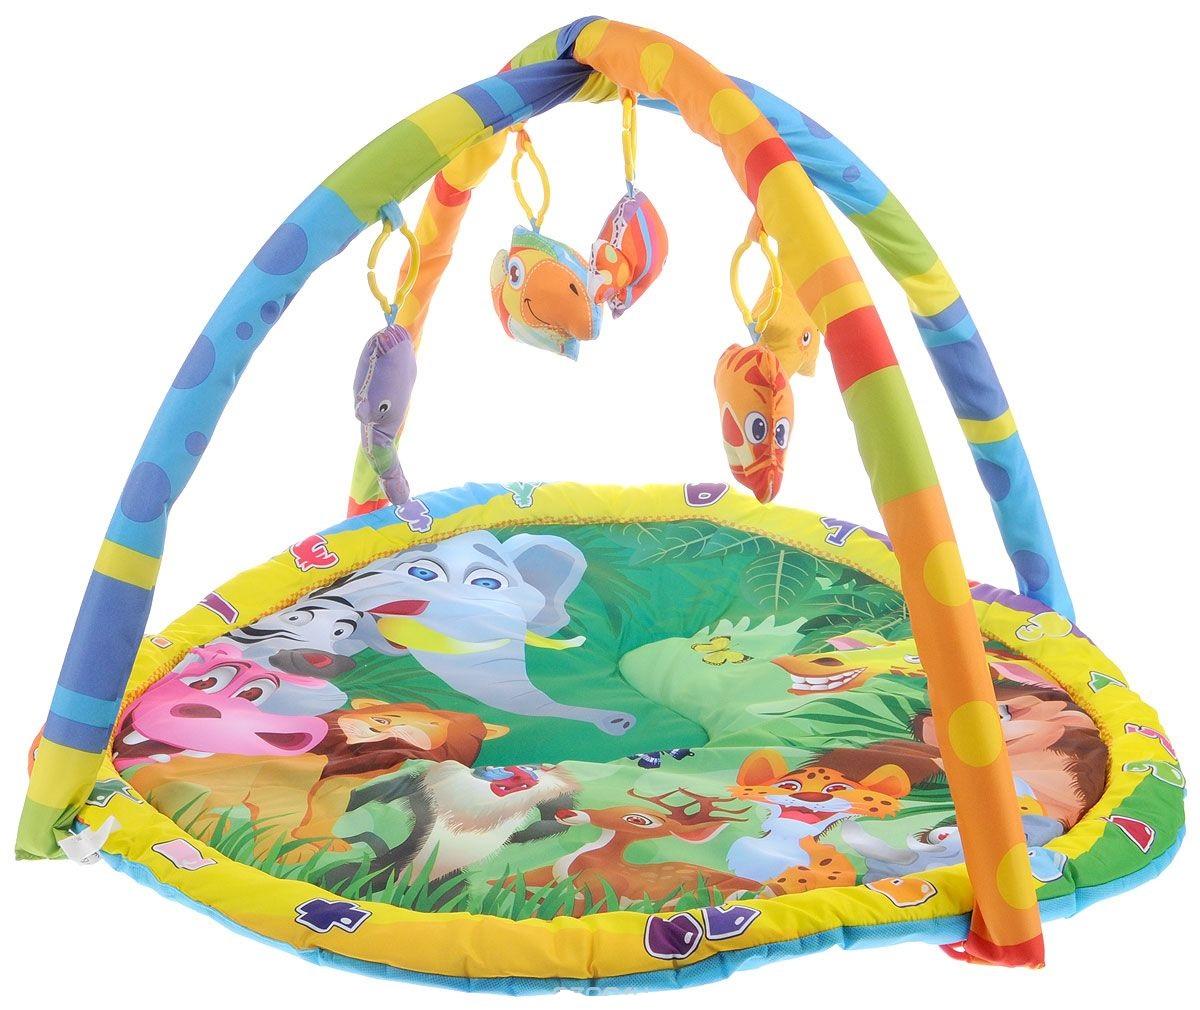 Детский игровой коврик с мягкими игрушками на подвеске и дугами от Toyway